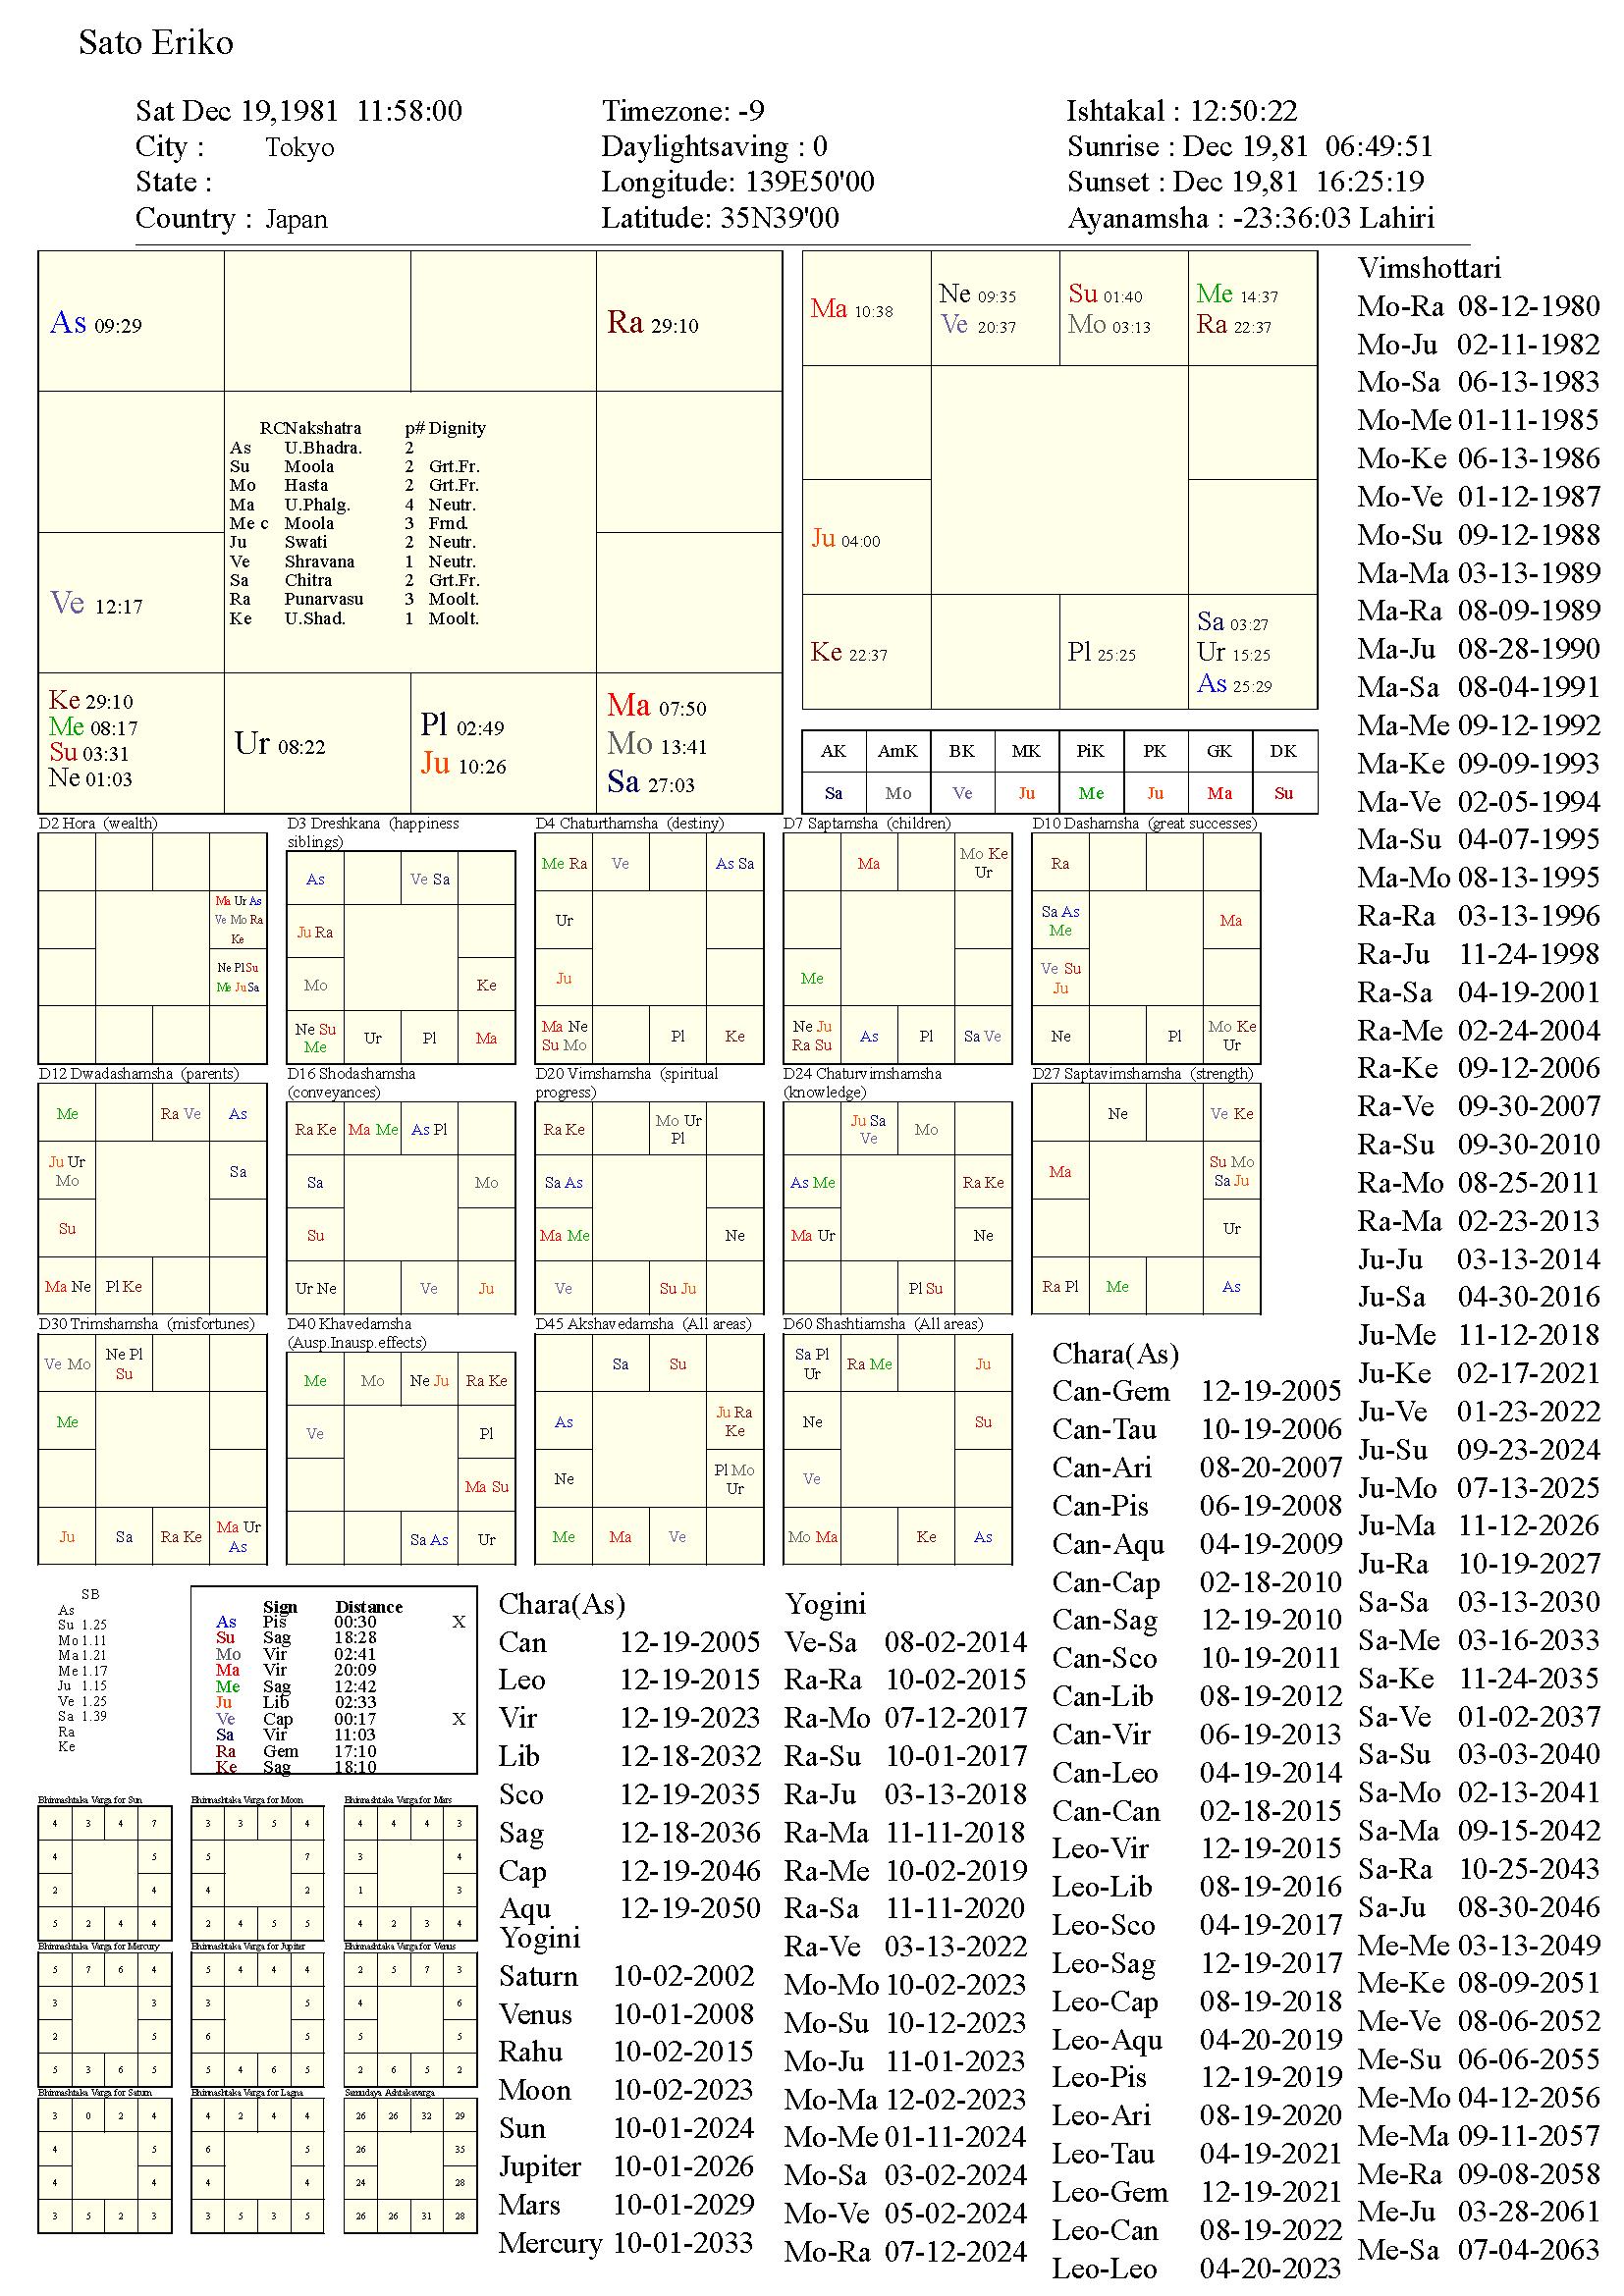 satoeriko_chart